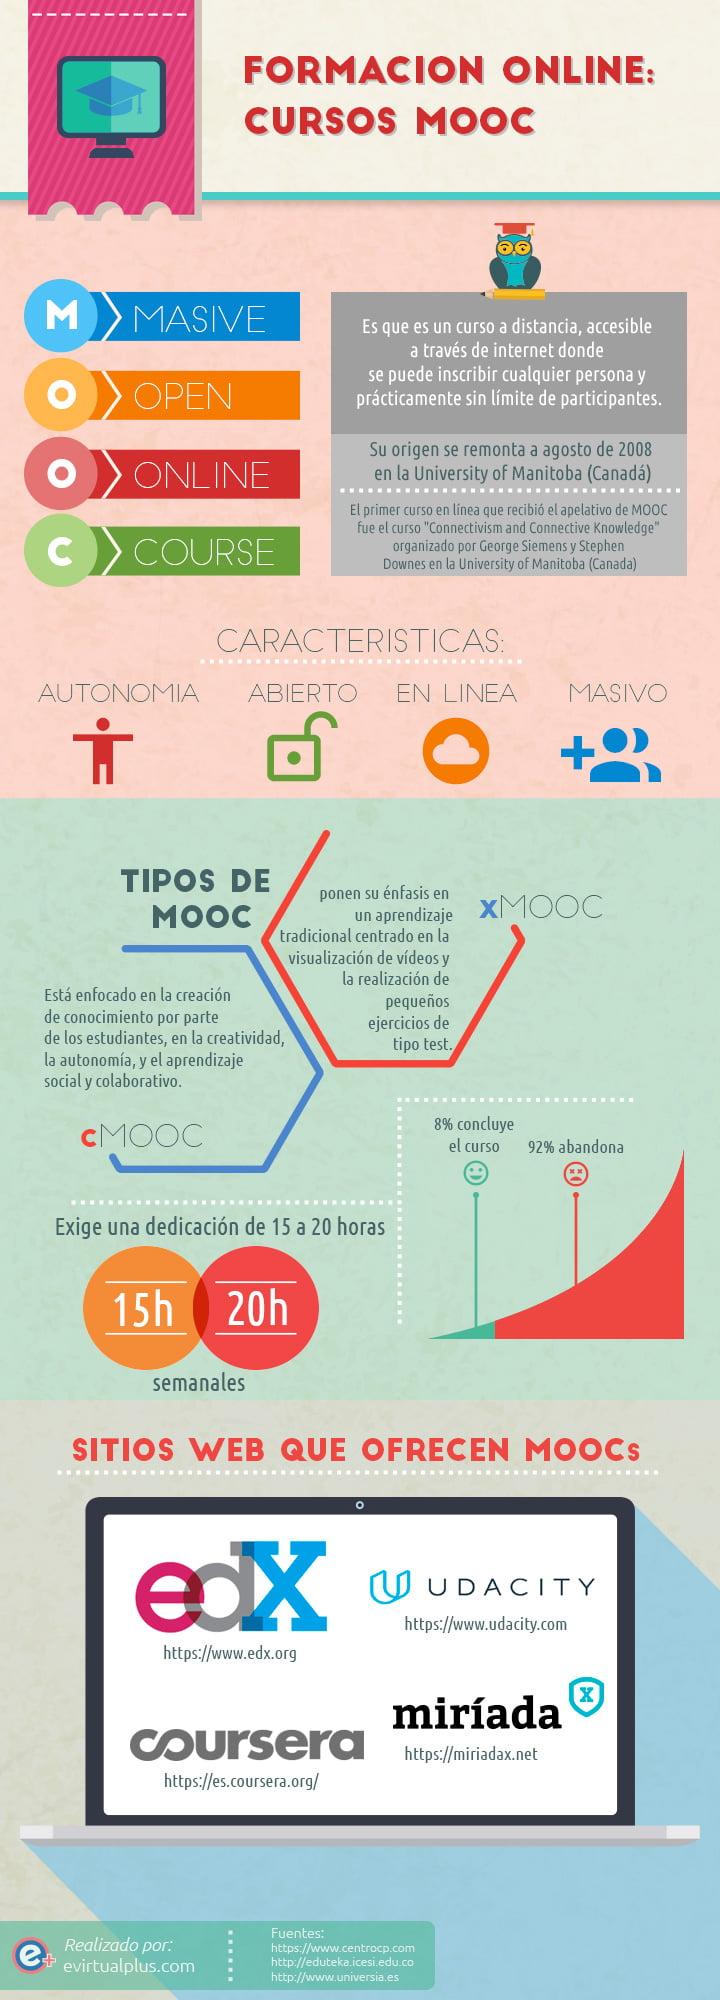 Formacion online cursos mooc infografia